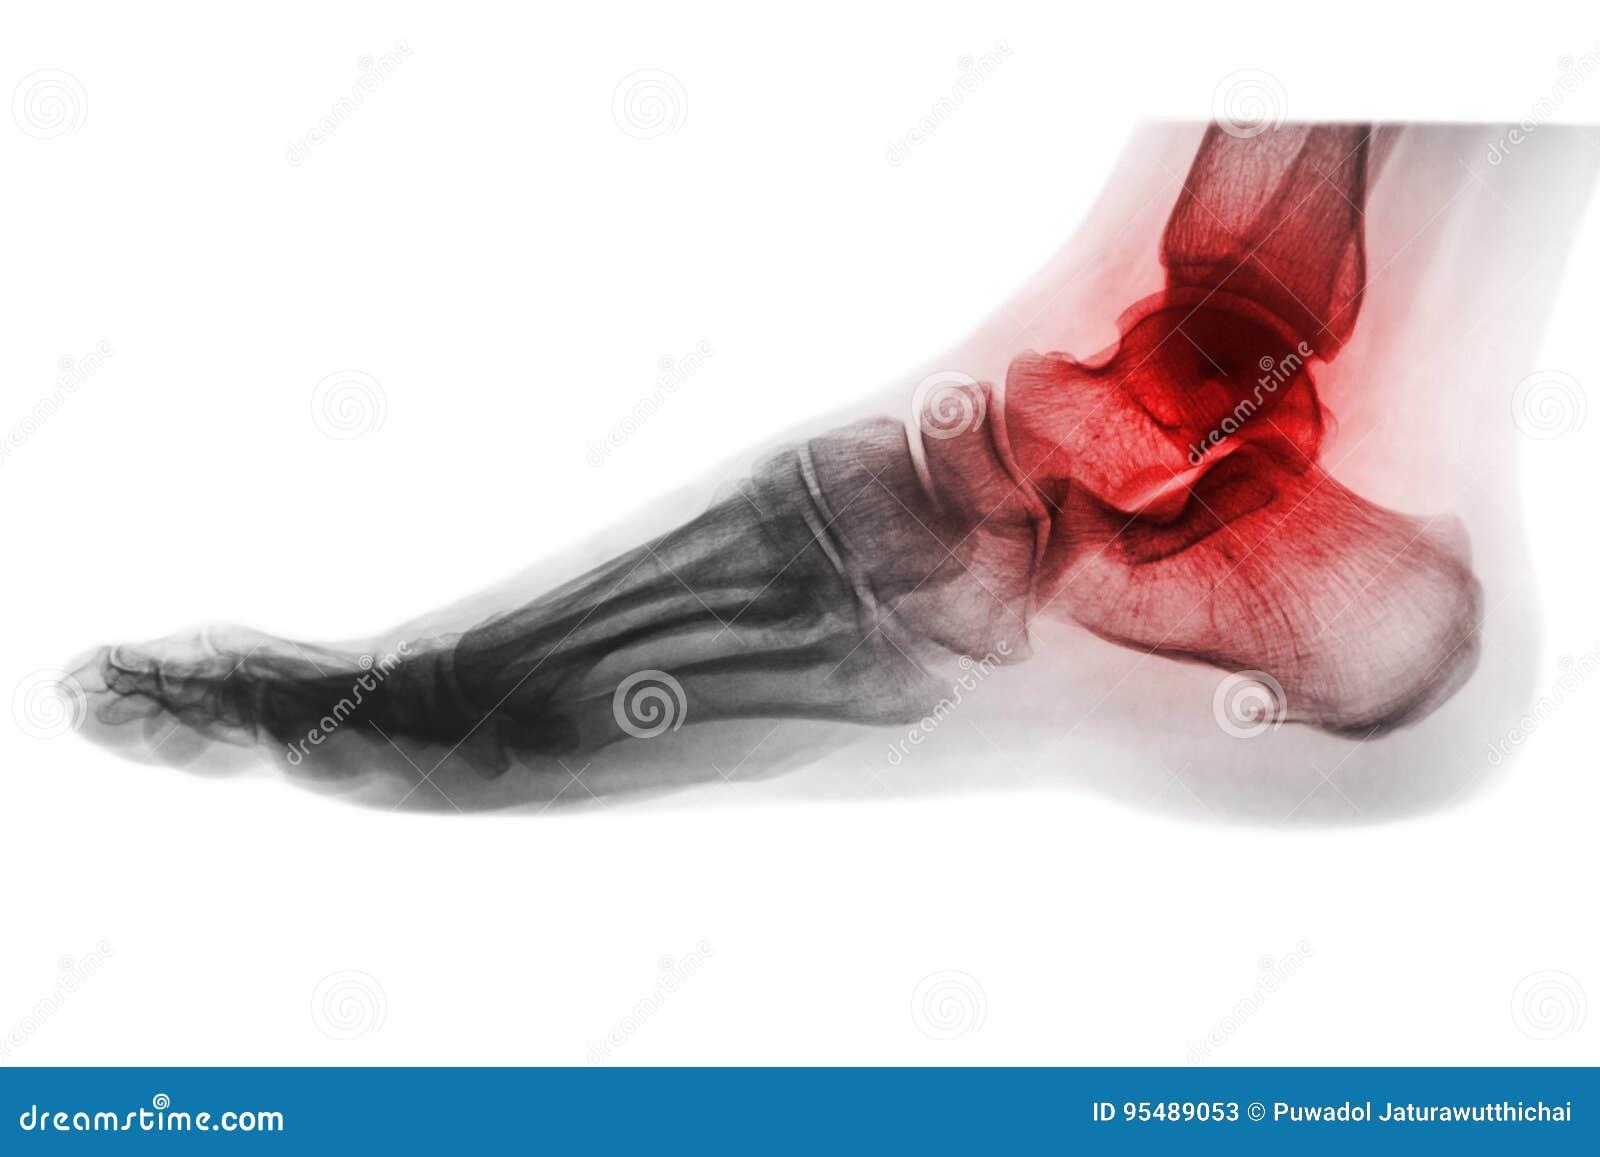 Artritis van enkel RÖNTGENSTRAAL VAN VOET bij concours in Zuid-Florida Keer kleurenstijl om